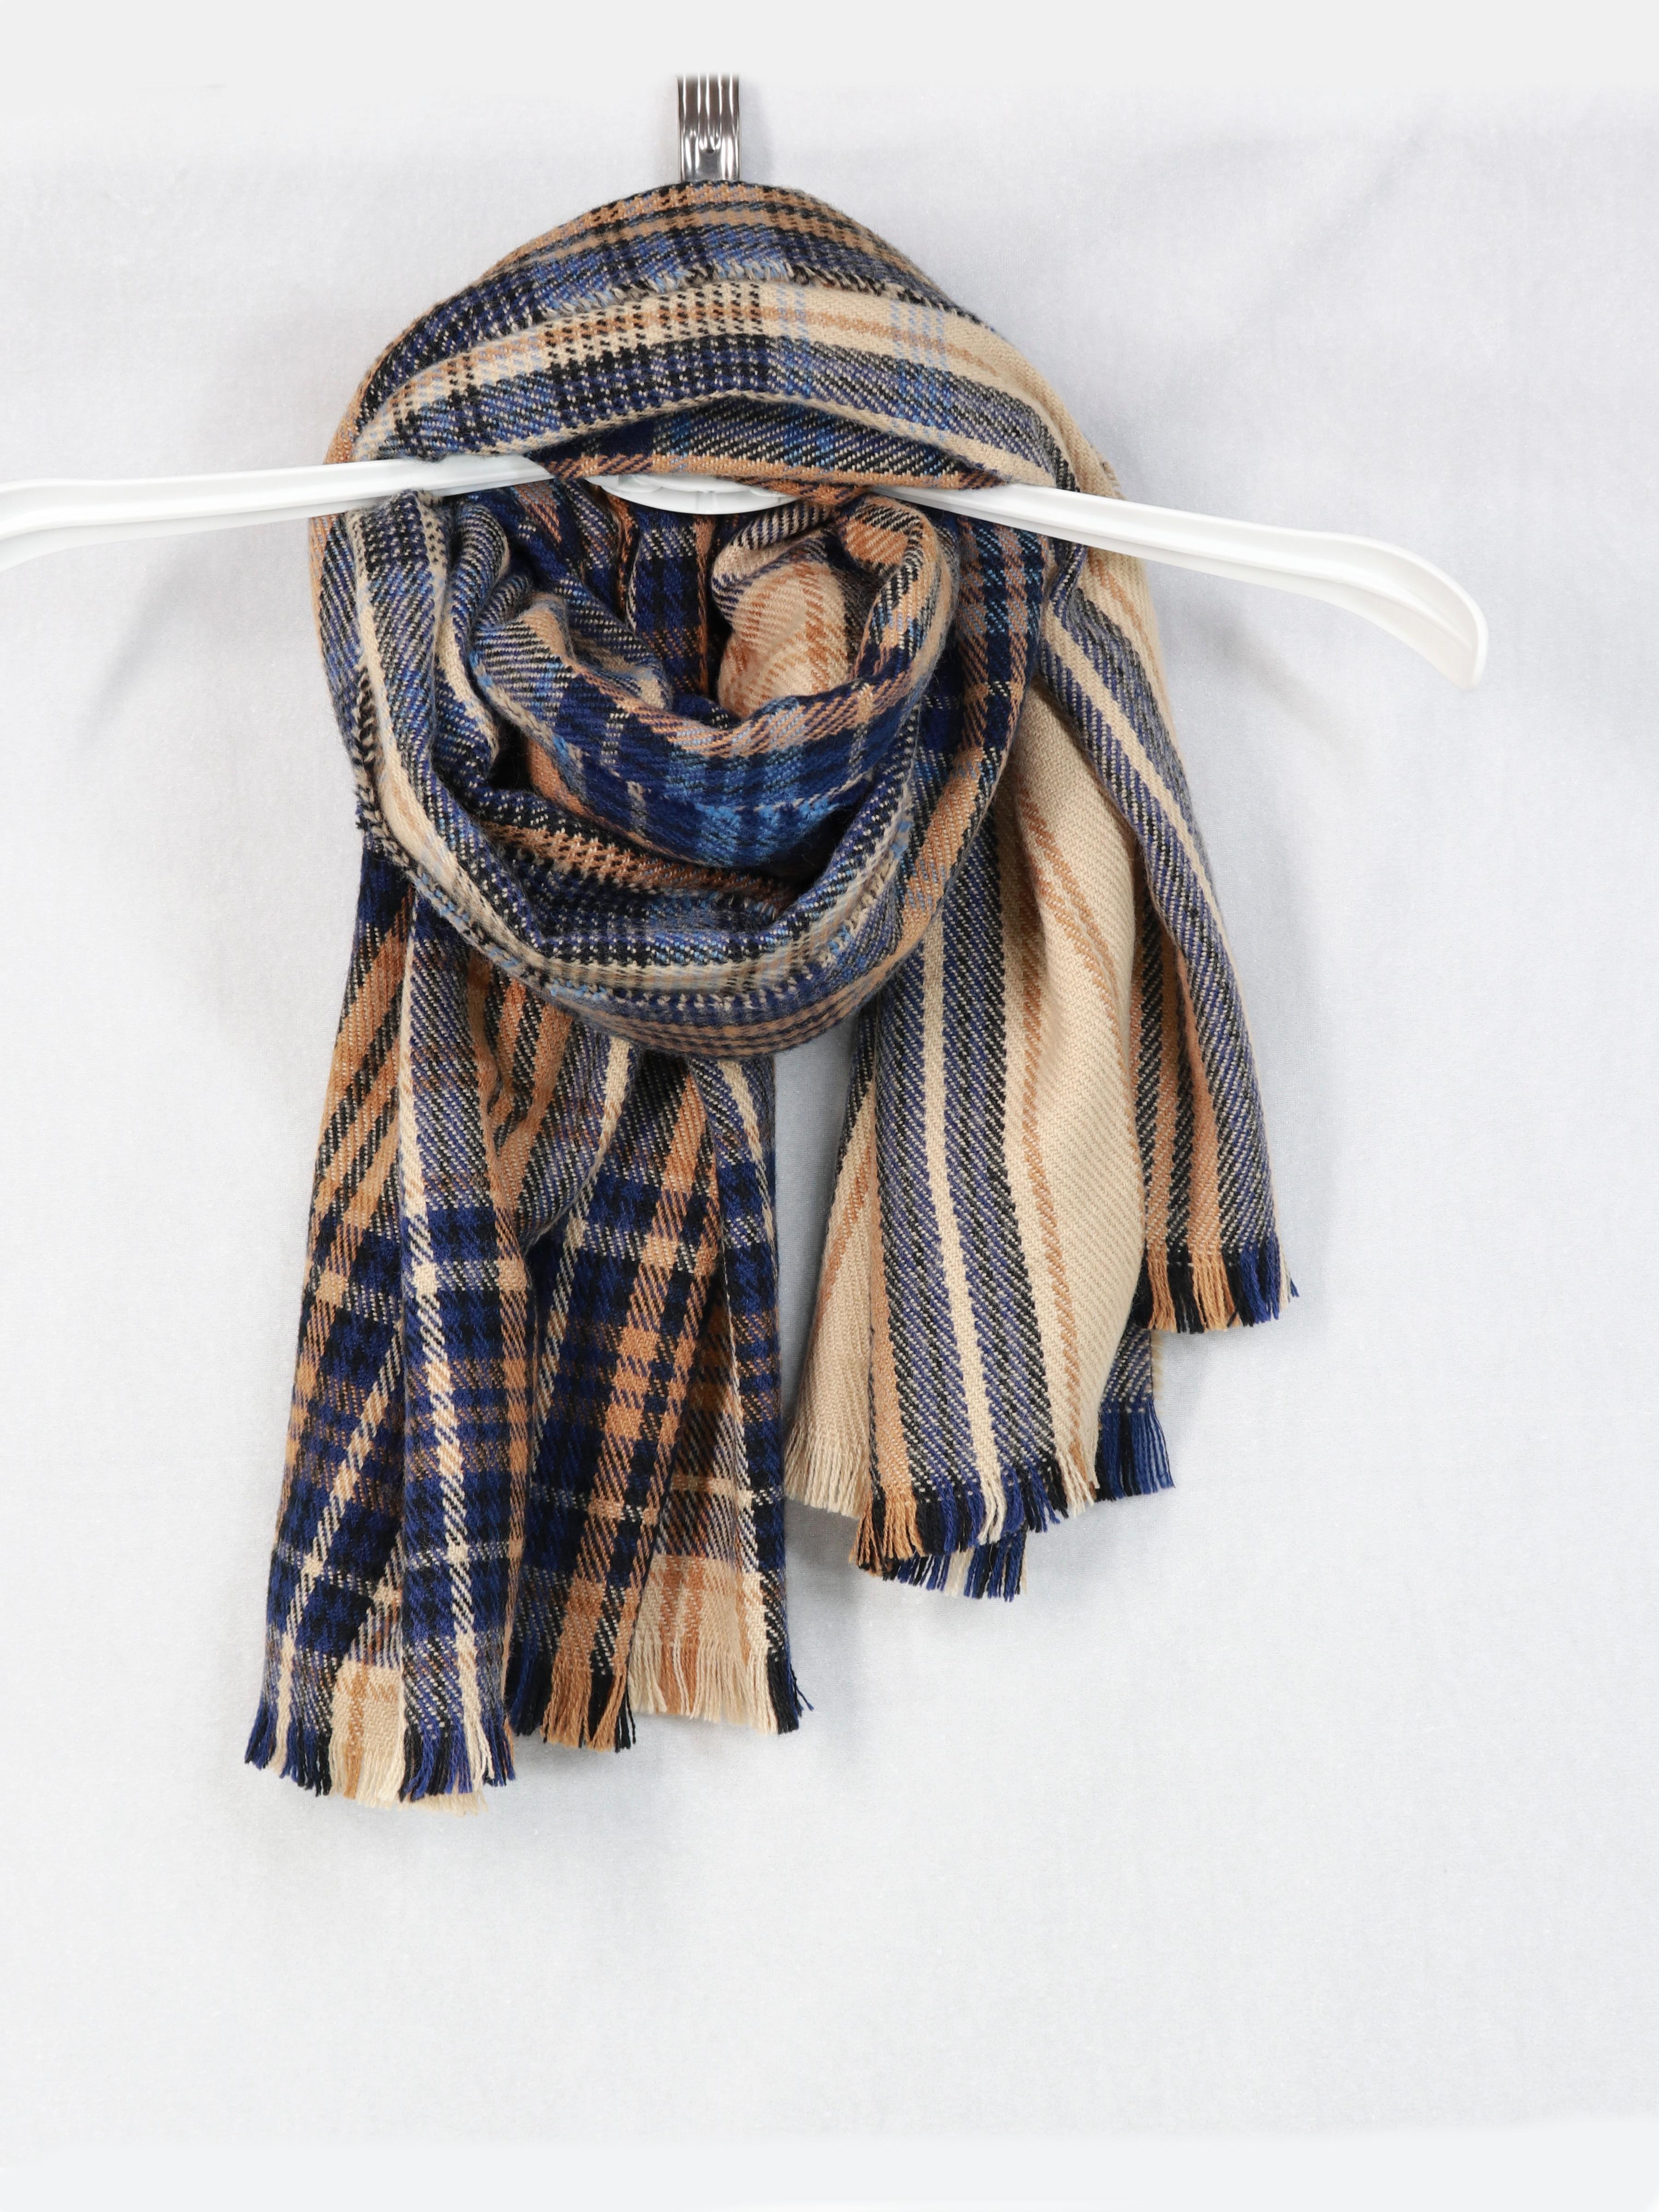 Новая зимняя кашемировая шаль шарф цветная сетка модный теплый шарф длинный шарф универсальный модный шарф